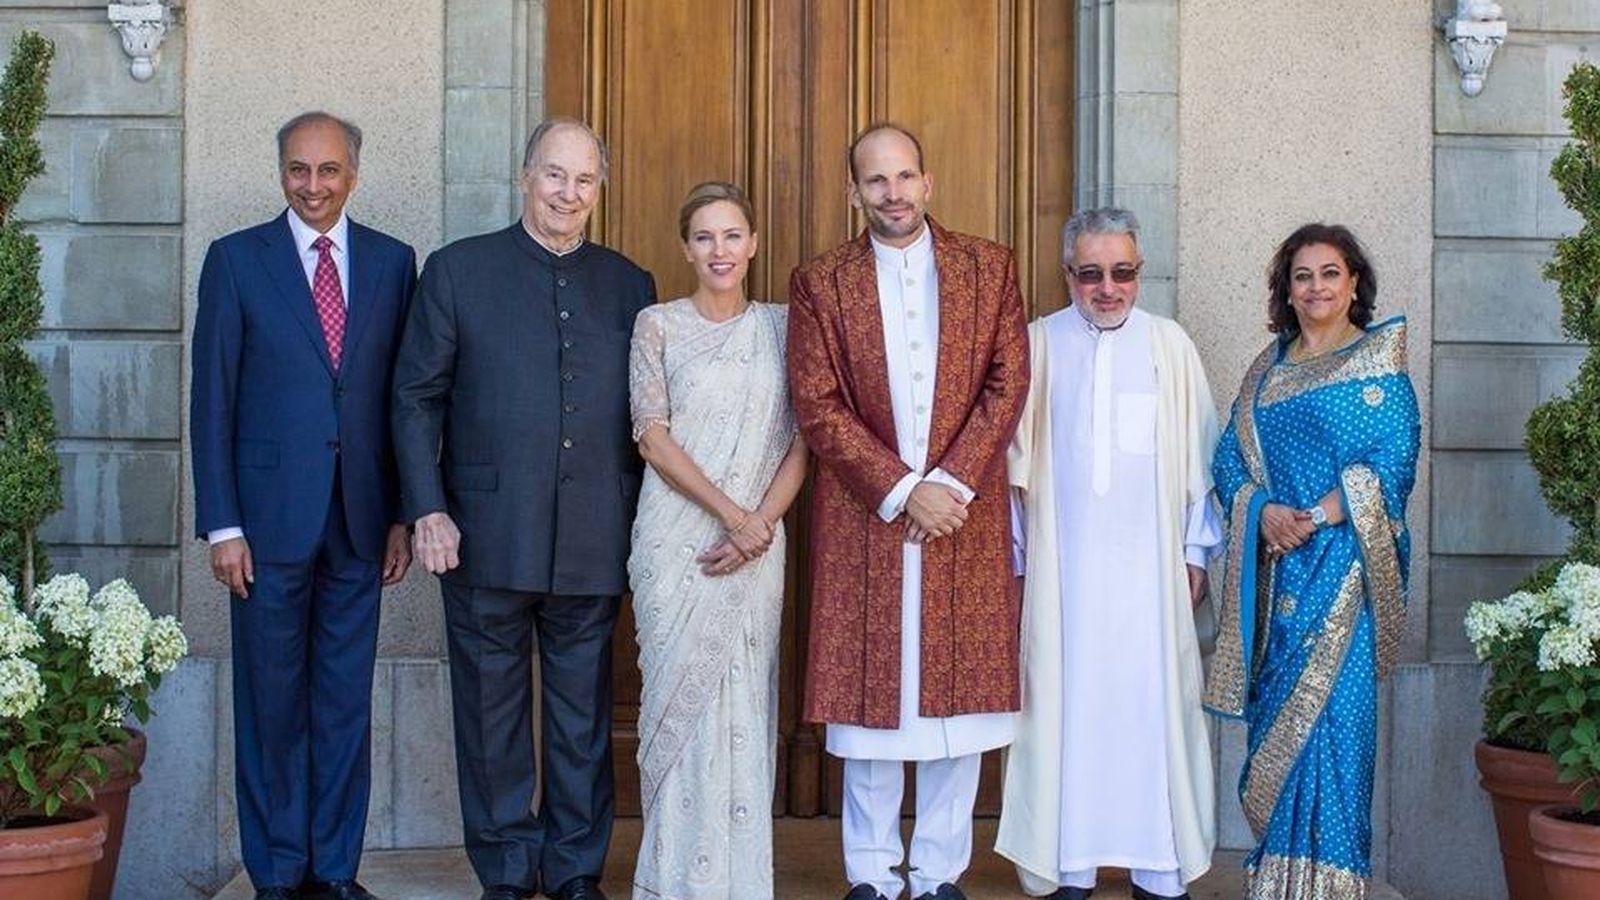 Foto: Los novios, con el Aga Khan (junto a la novia) y otros invitados a su boda. (The Ismaili / Facebook)